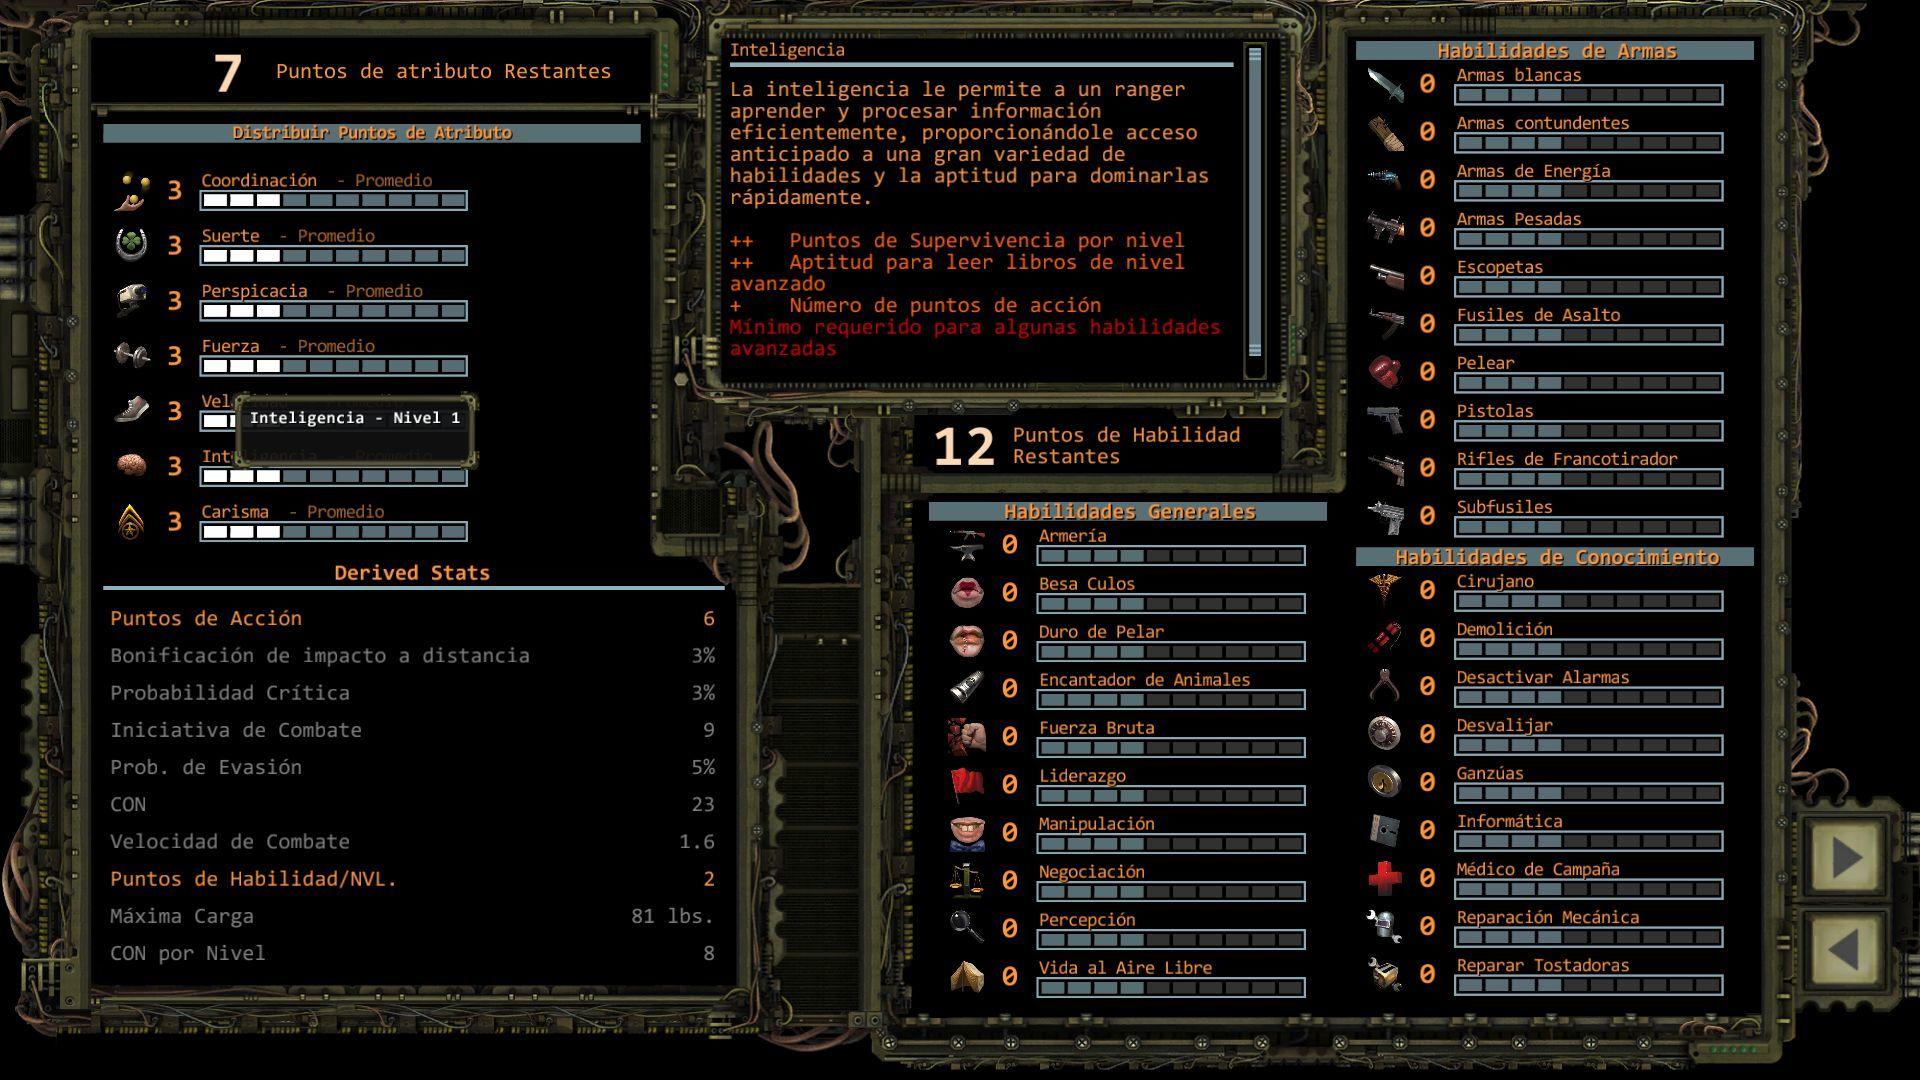 Foto de Distribución de puntos de Atributo en Wasteland 2 (8/11)